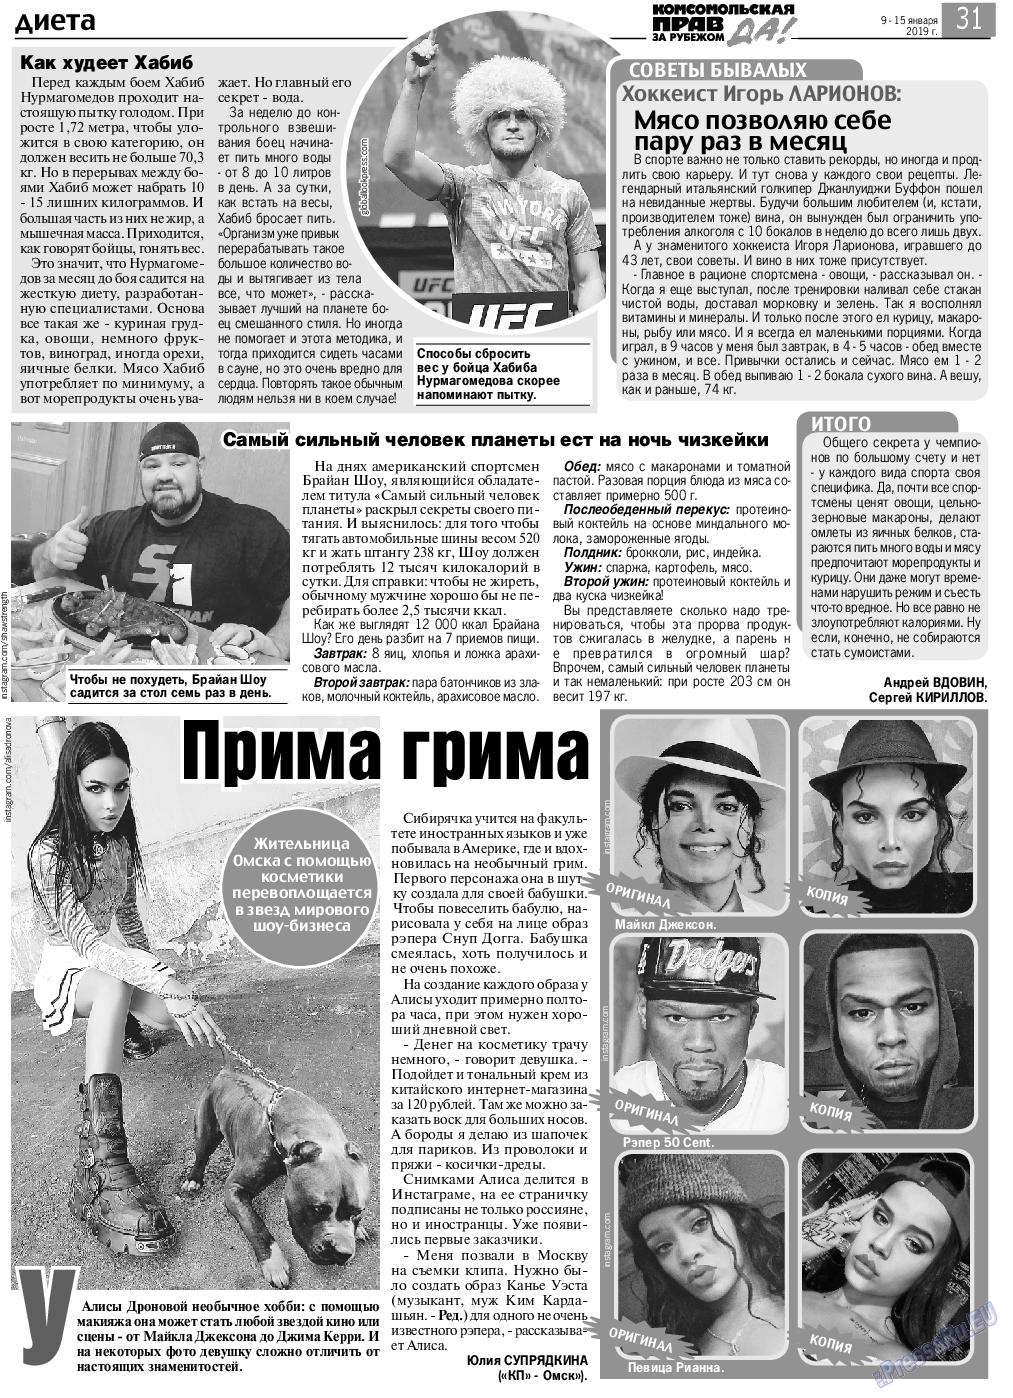 КП в Европе (газета). 2019 год, номер 2, стр. 31